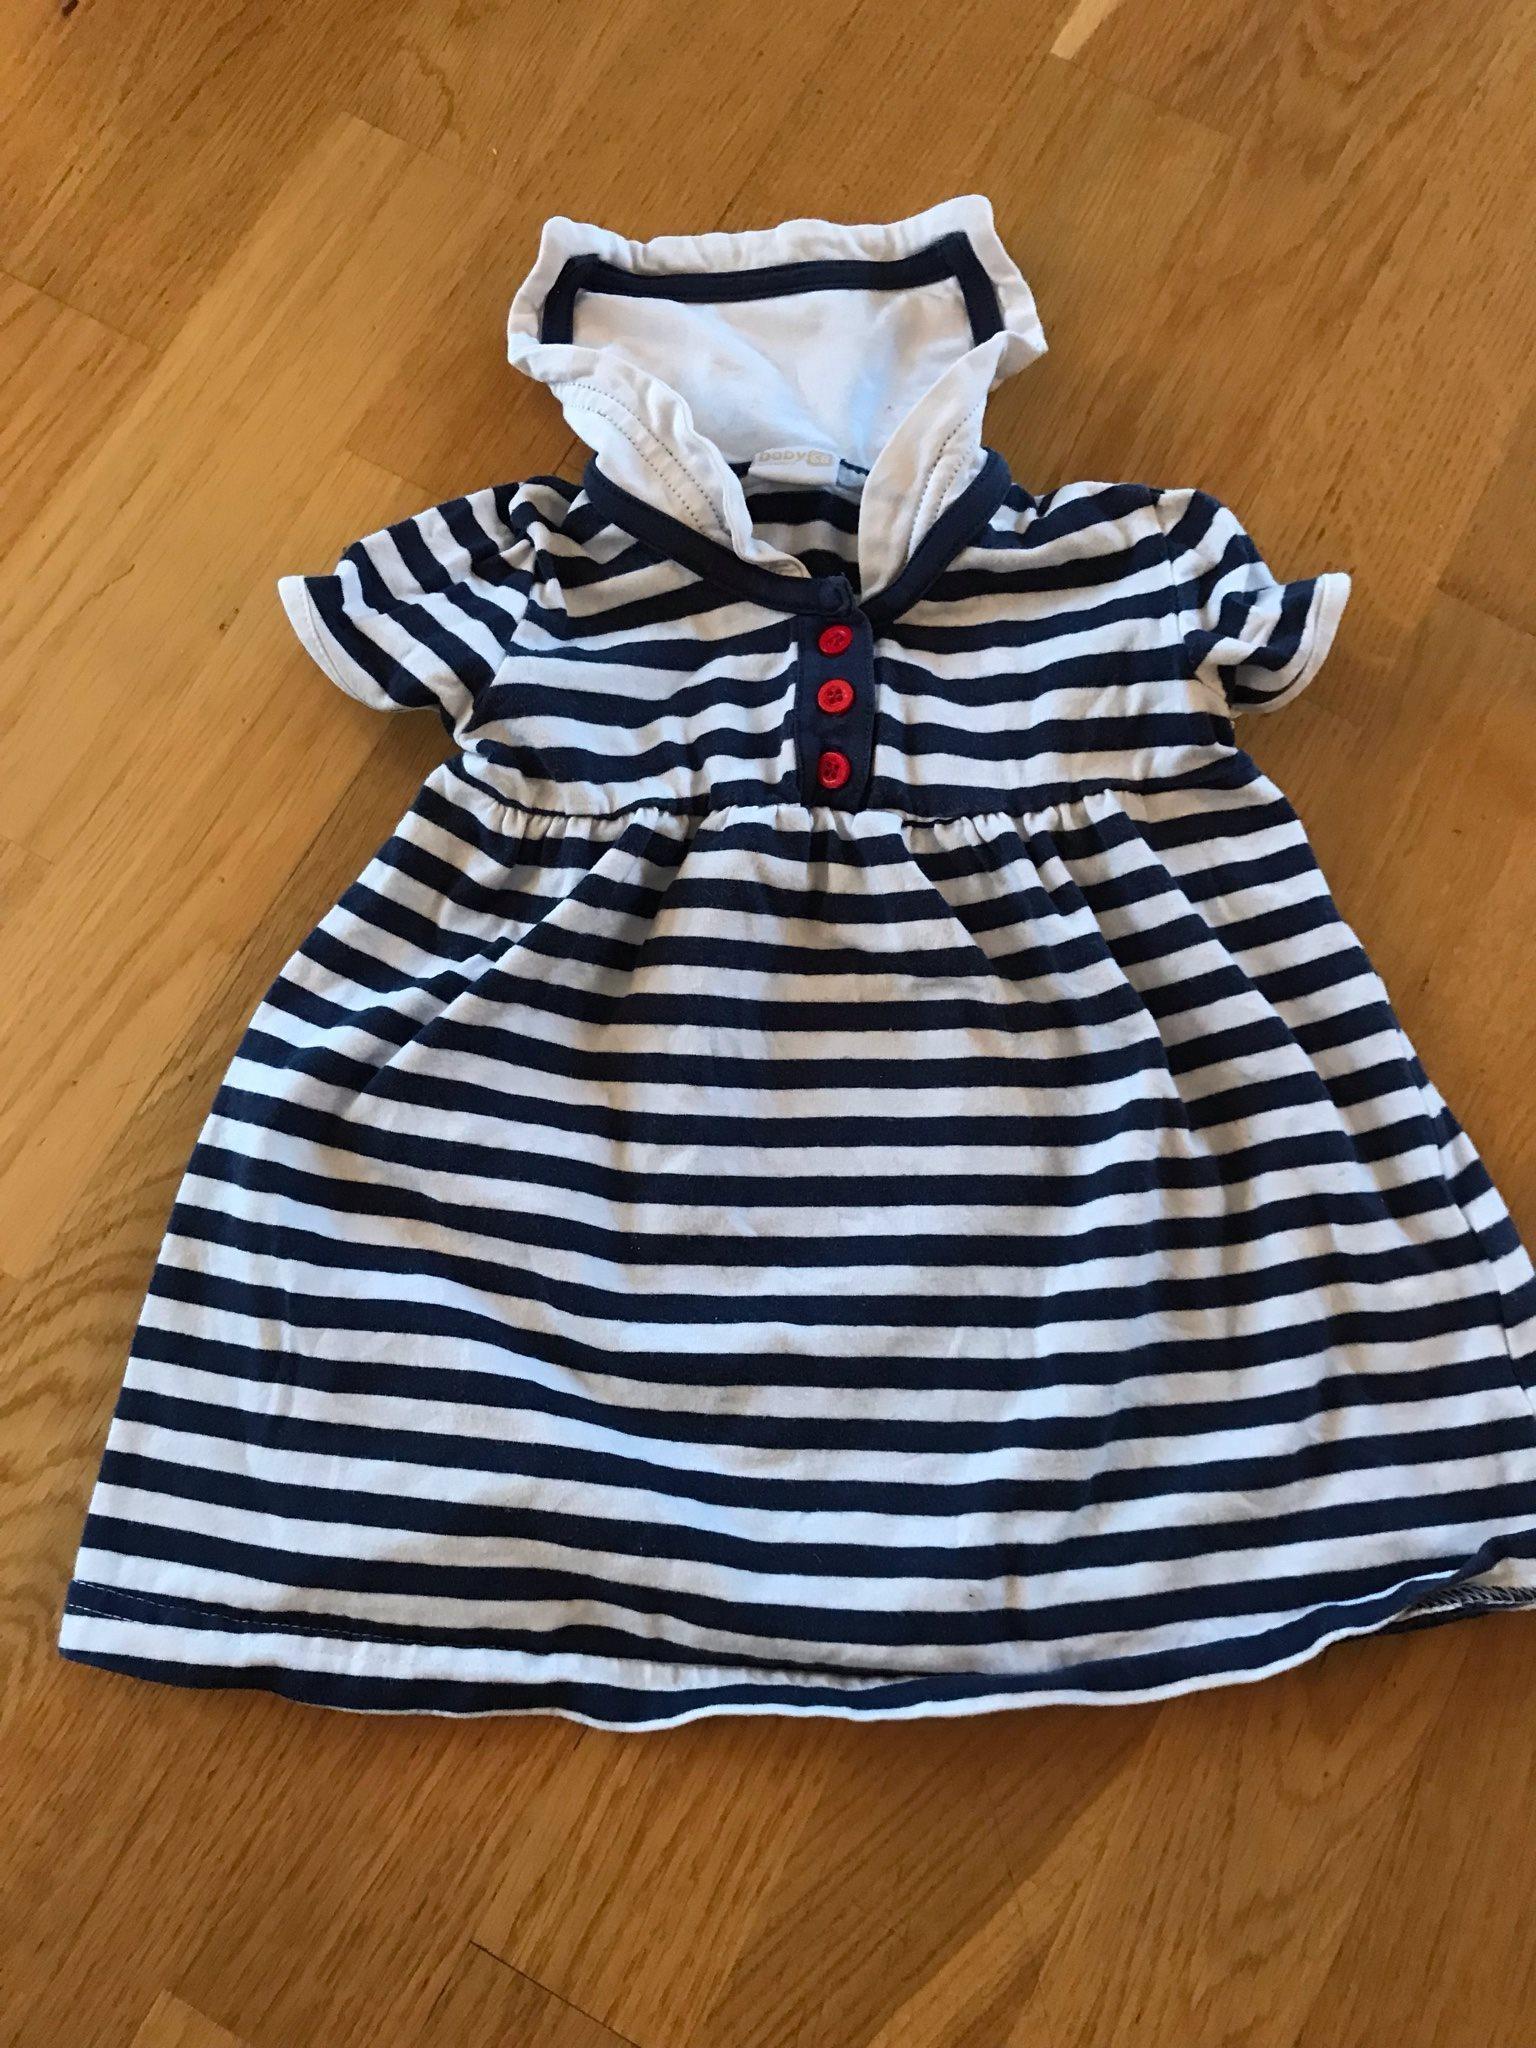 de94968f87e5 Blå- och vitrandig klänning från Lindex storlek.. (335782331) ᐈ Köp ...